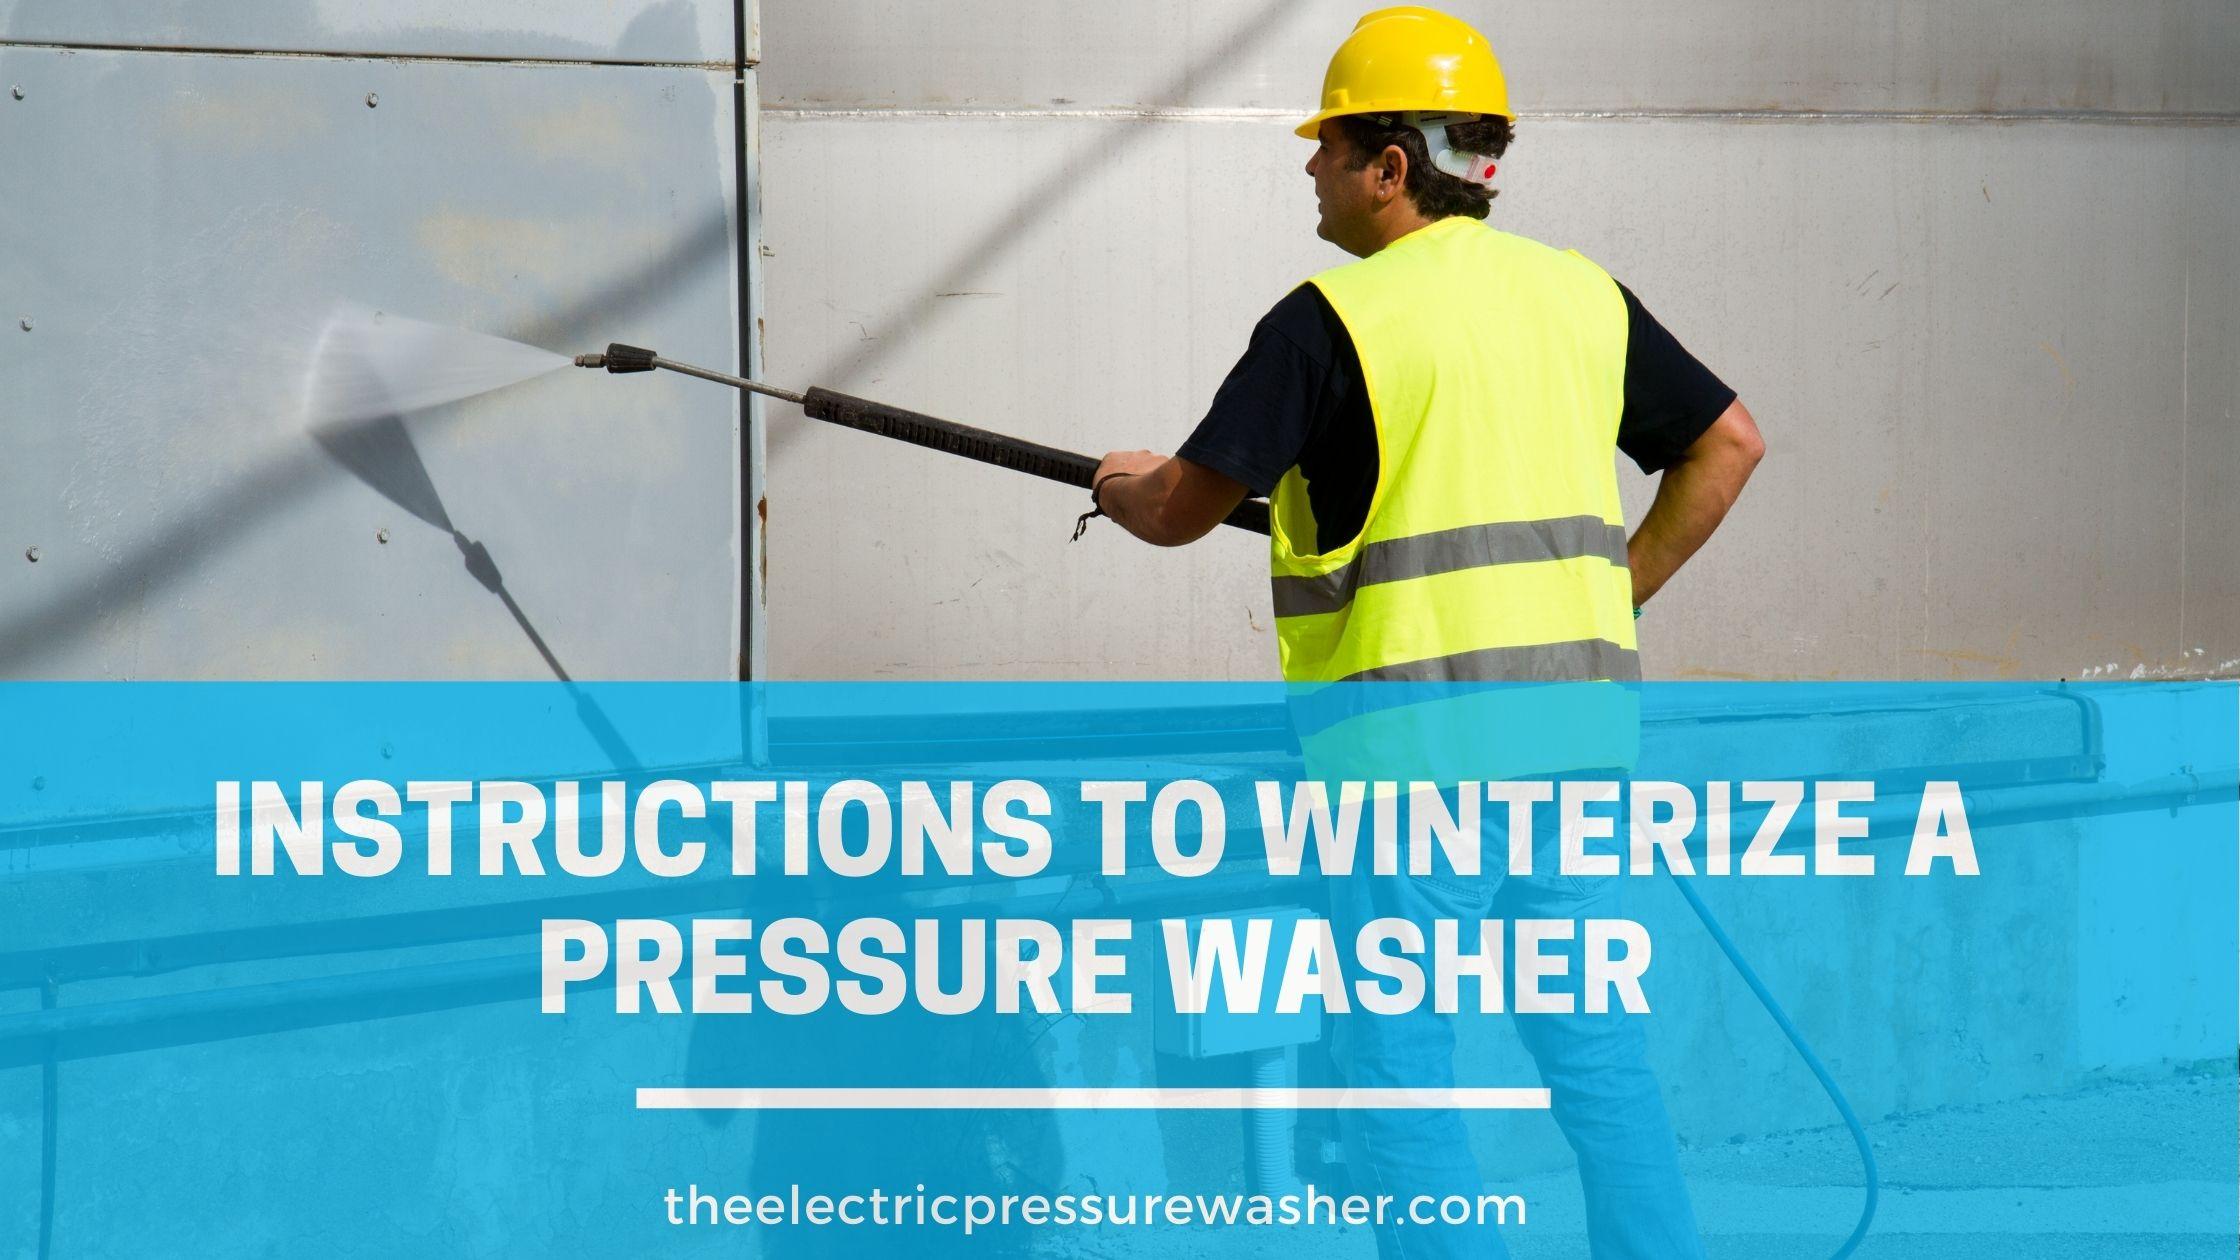 Winterize a pressure washer